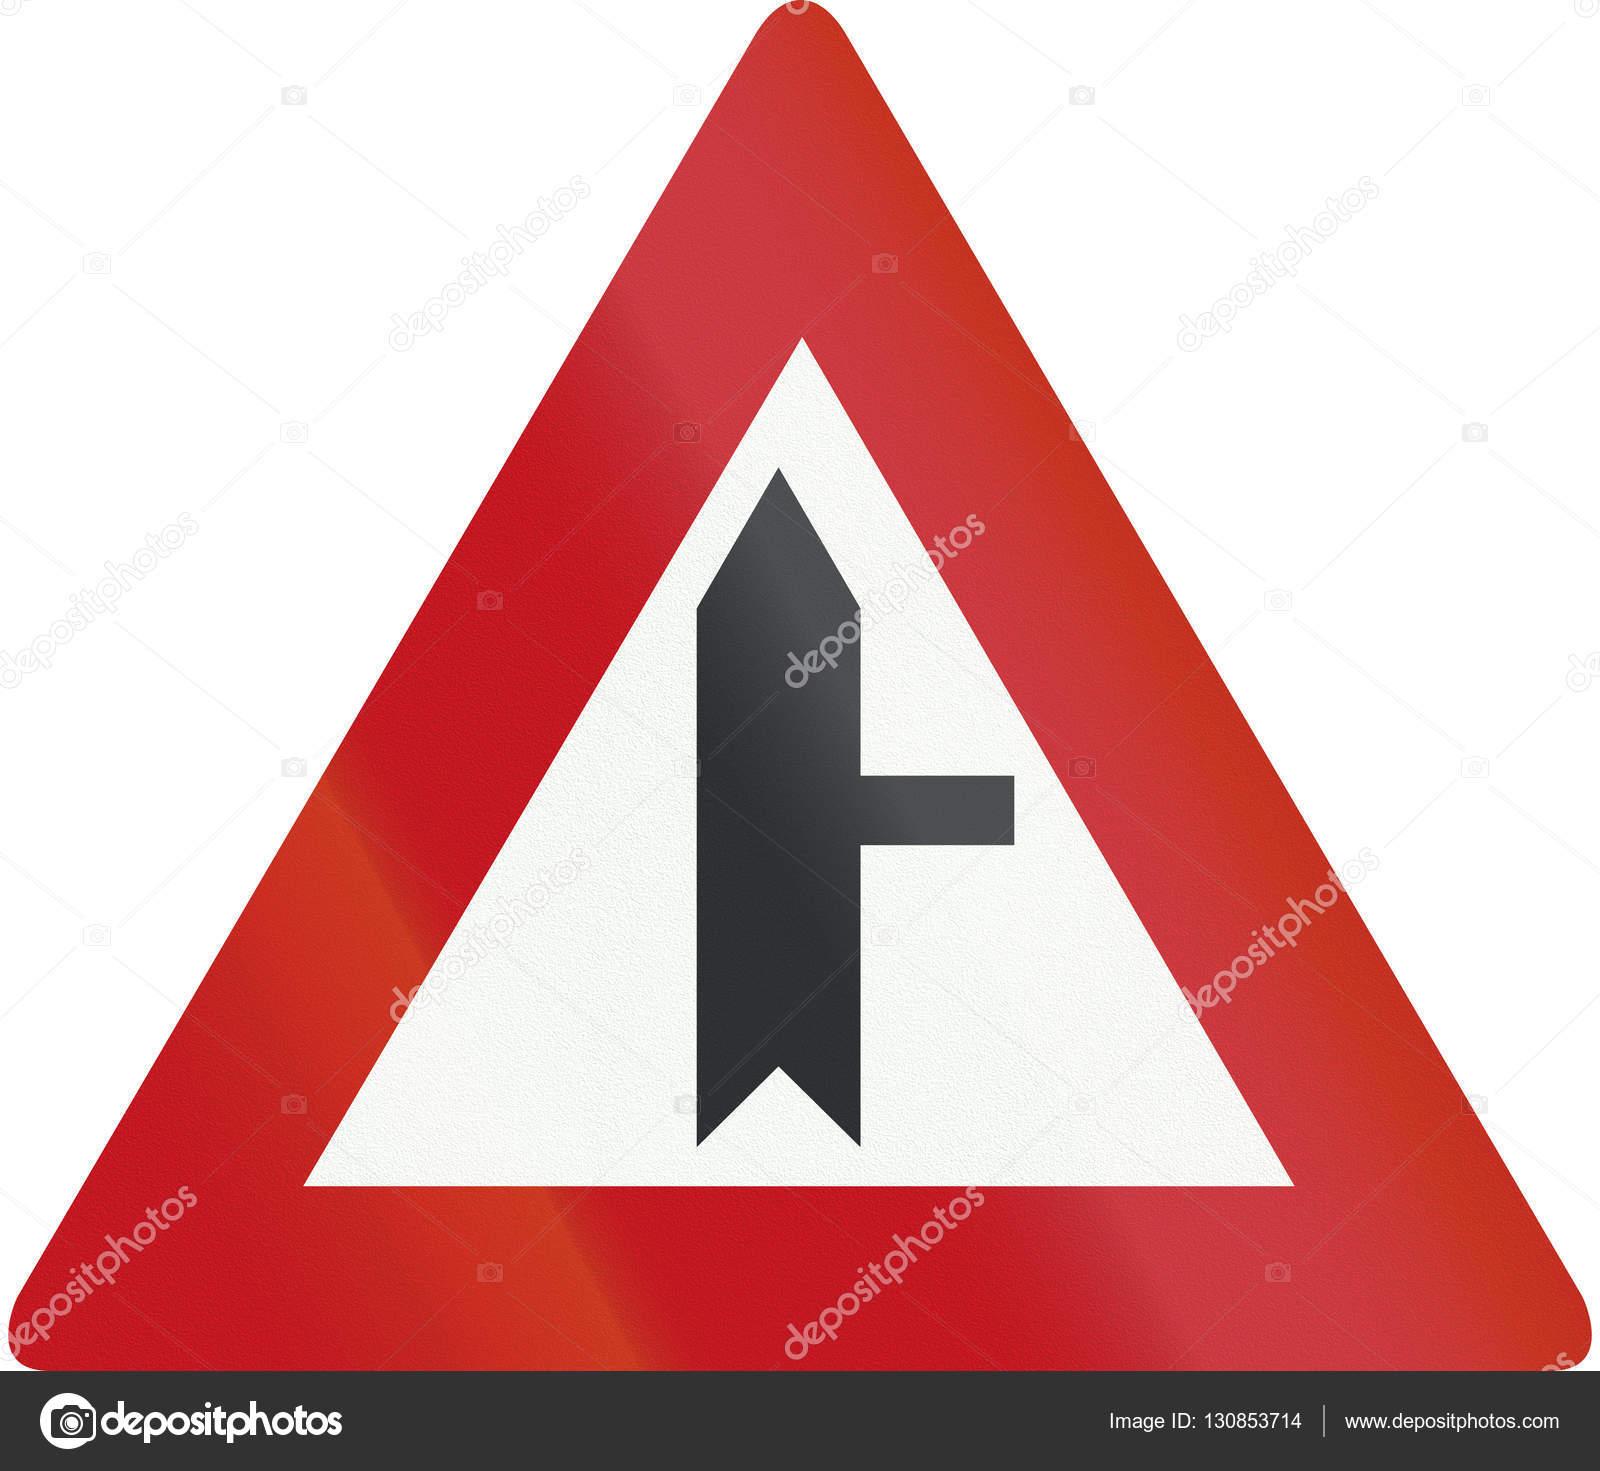 panneau de signalisation n erlandais b5 carrefour avec priorit sur la petite route droite. Black Bedroom Furniture Sets. Home Design Ideas